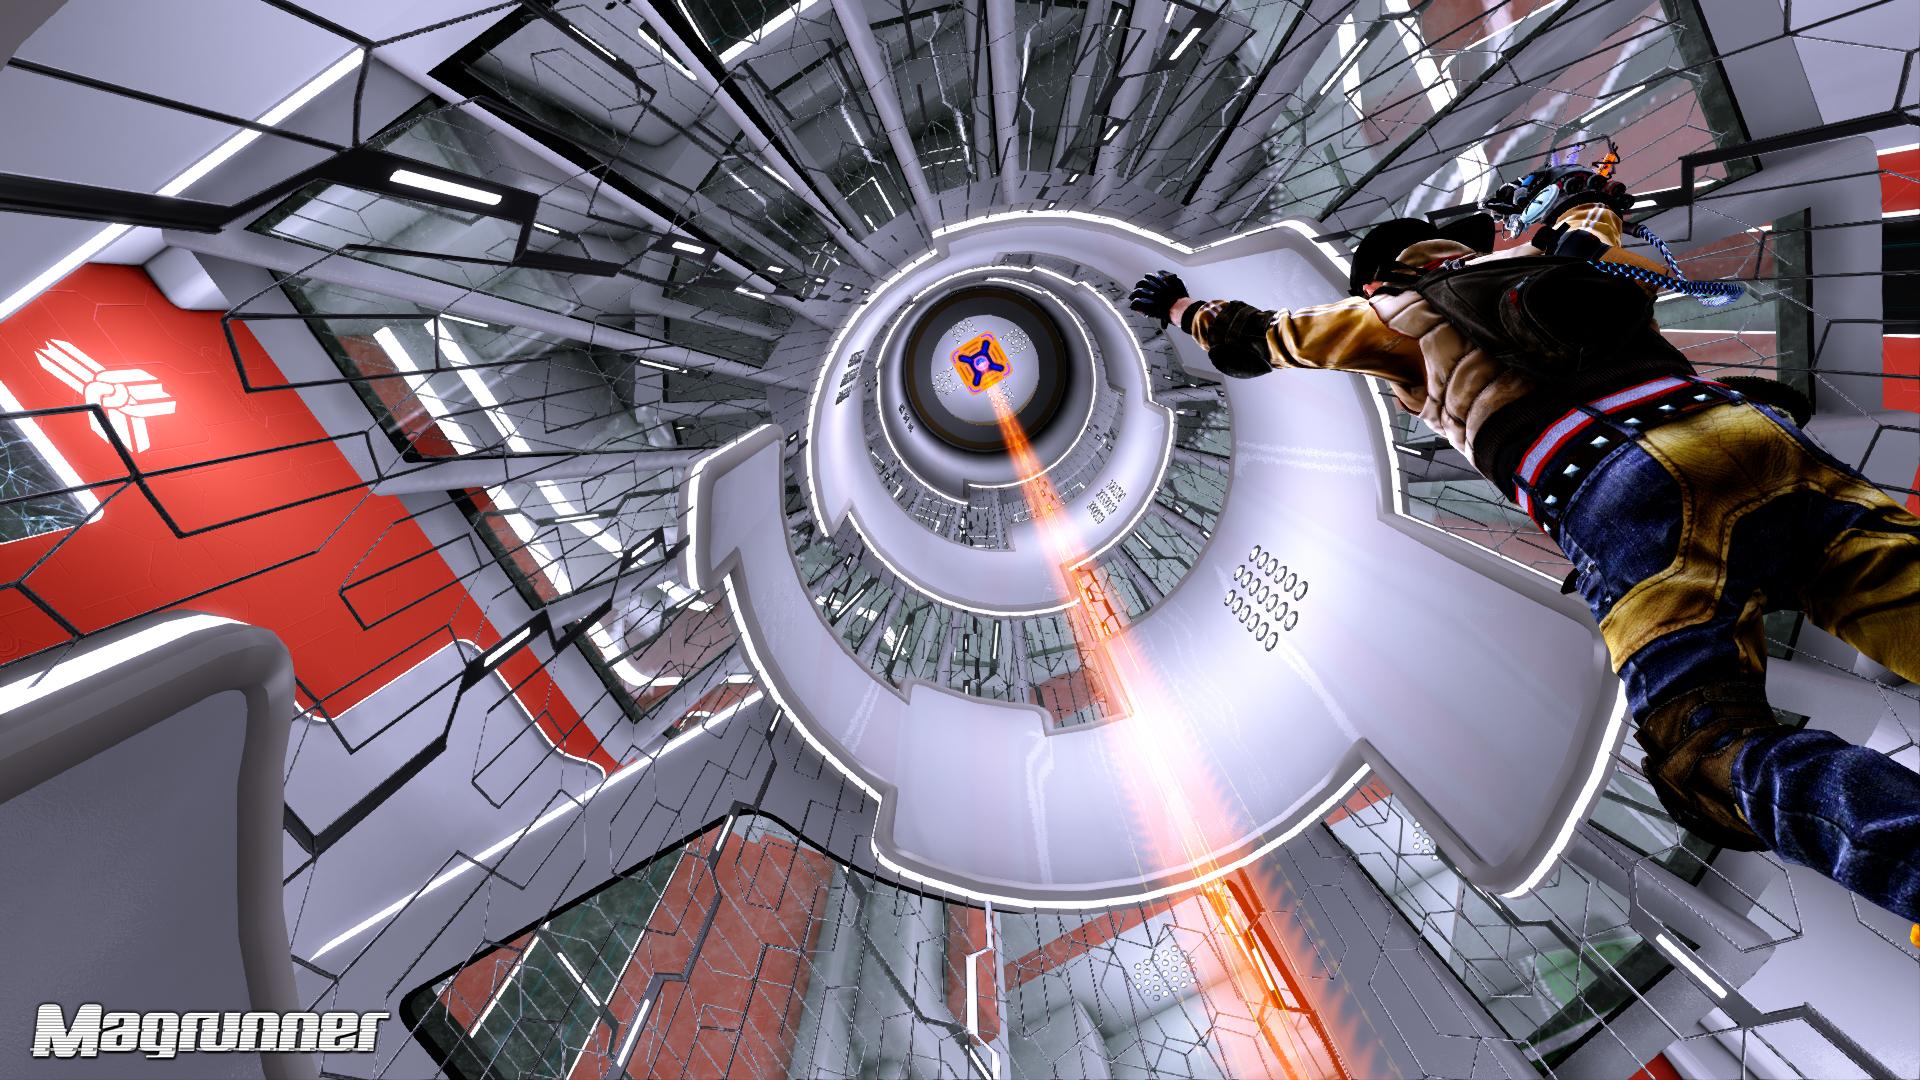 Puzzle střílečka Magrunner připomíná Portal 80964